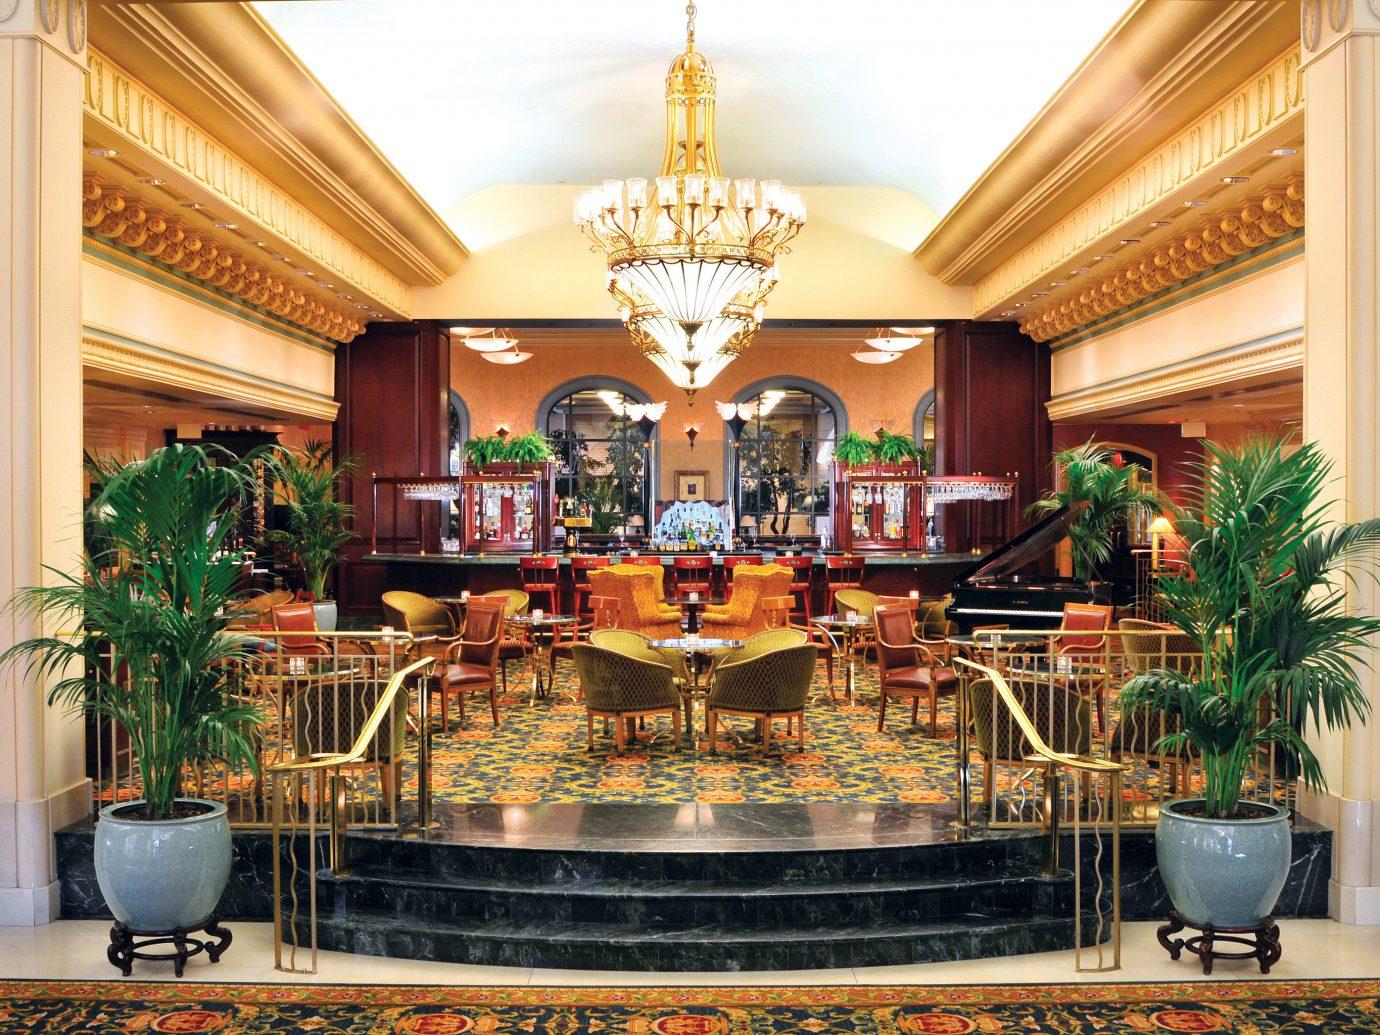 Elegant Hotels Living Lobby Lounge indoor building plant altar interior design Resort furniture meal dining table